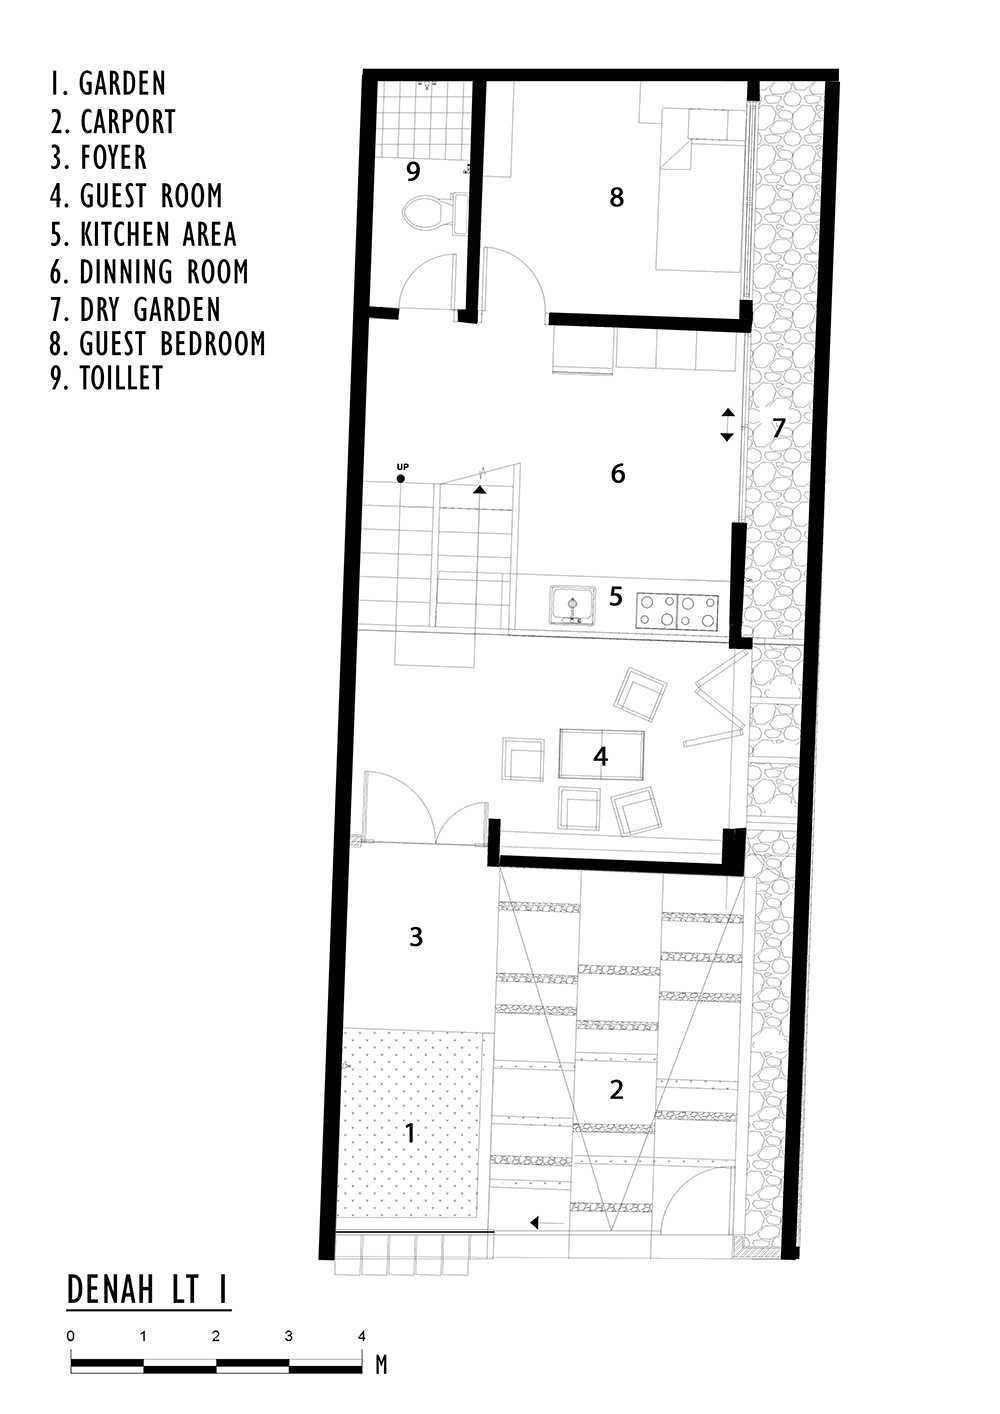 Delution Splow House Jl. Tebet Bar., Tebet Bar., Tebet, Kota Jakarta Selatan, Daerah Khusus Ibukota Jakarta 12810, Indonesia Jakarta, Indonesia 1St Floor Plan Modern 12387